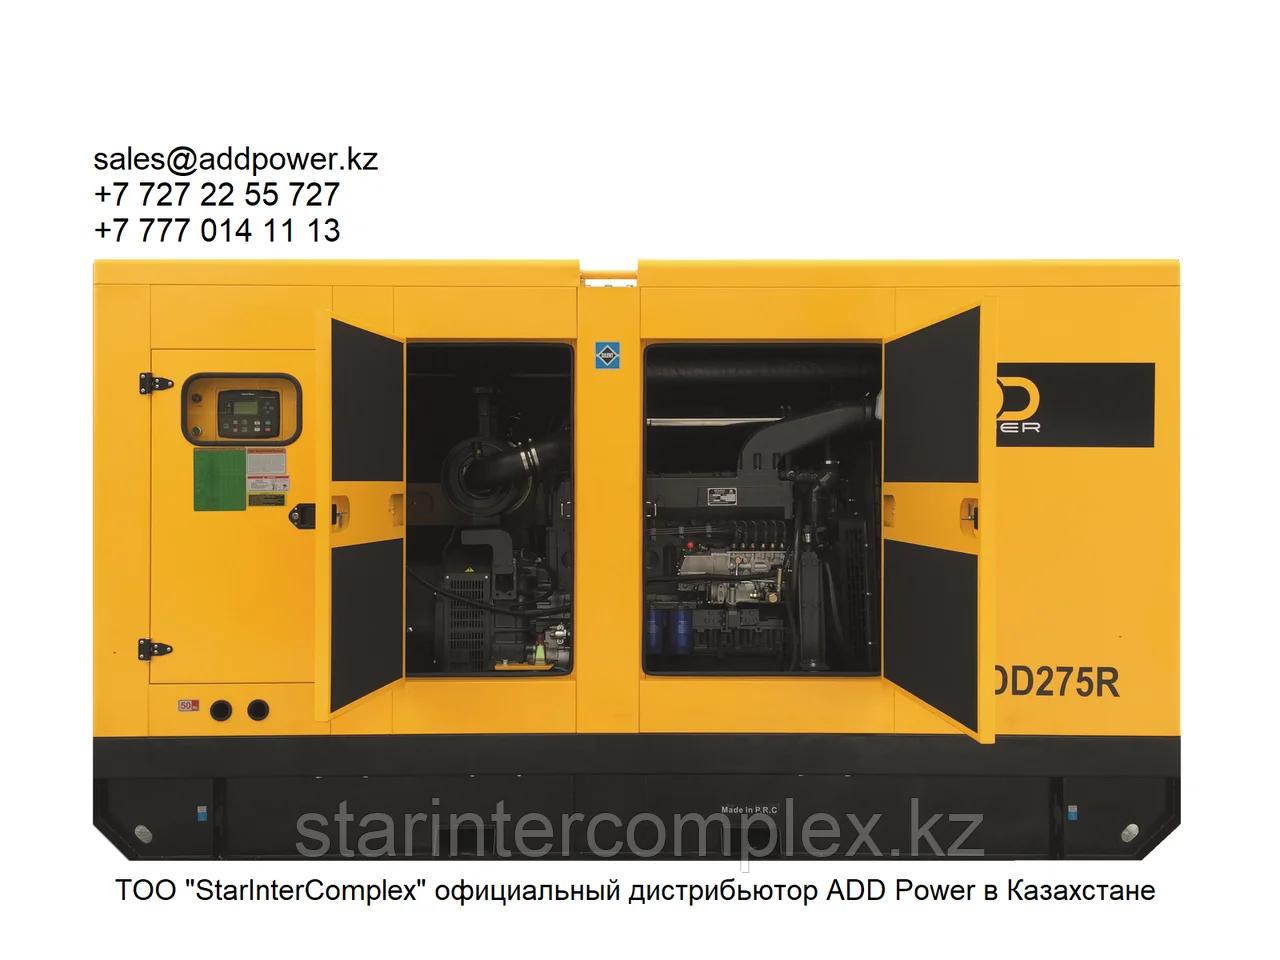 Дизельный генератор ADD165R во всепогодном шумозащитном кожухе